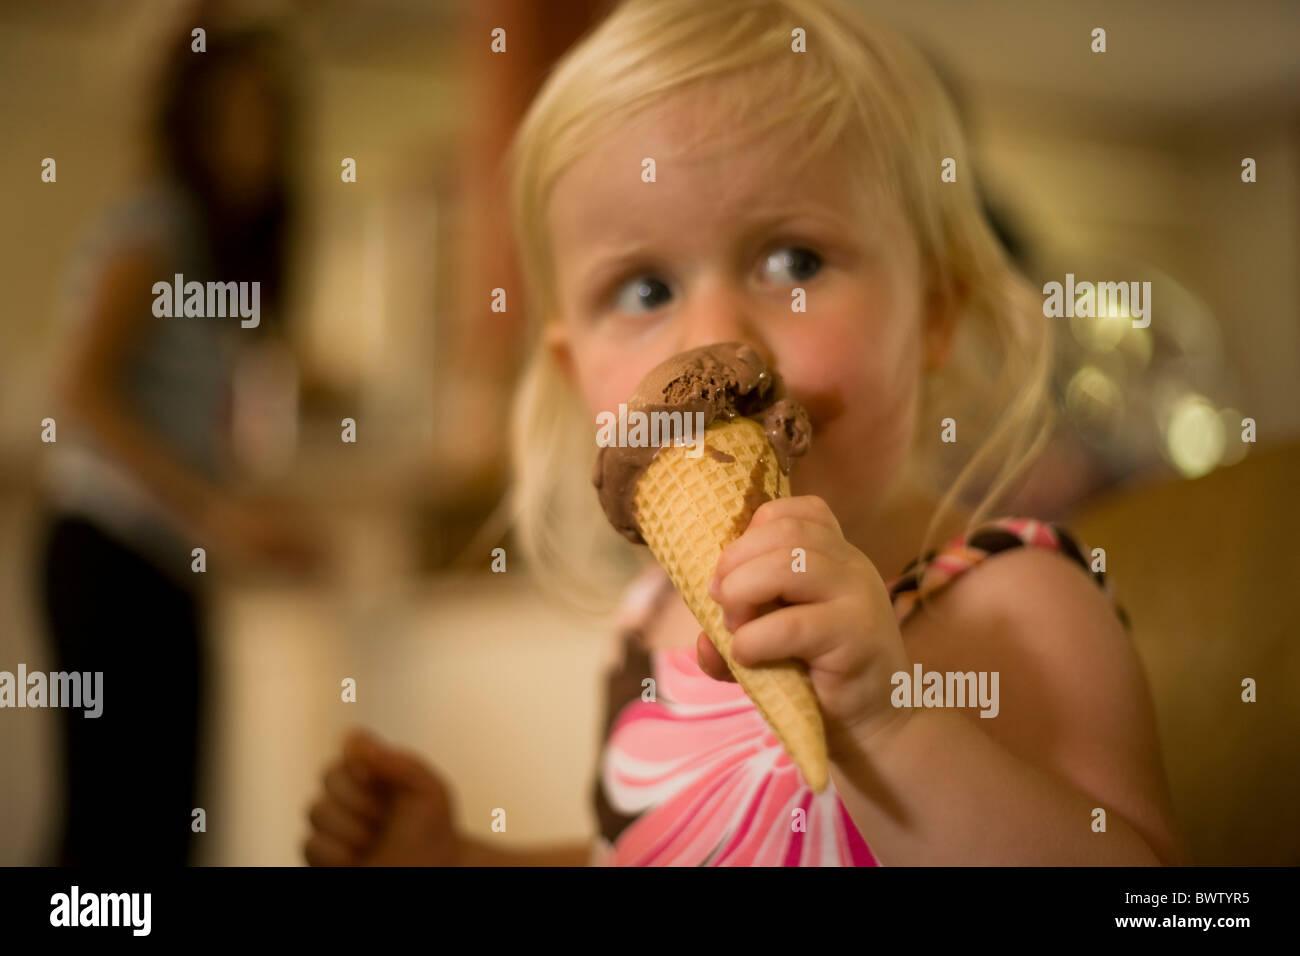 Petite fille blonde mange de la crème glacée au chocolat dans un cône Photo Stock